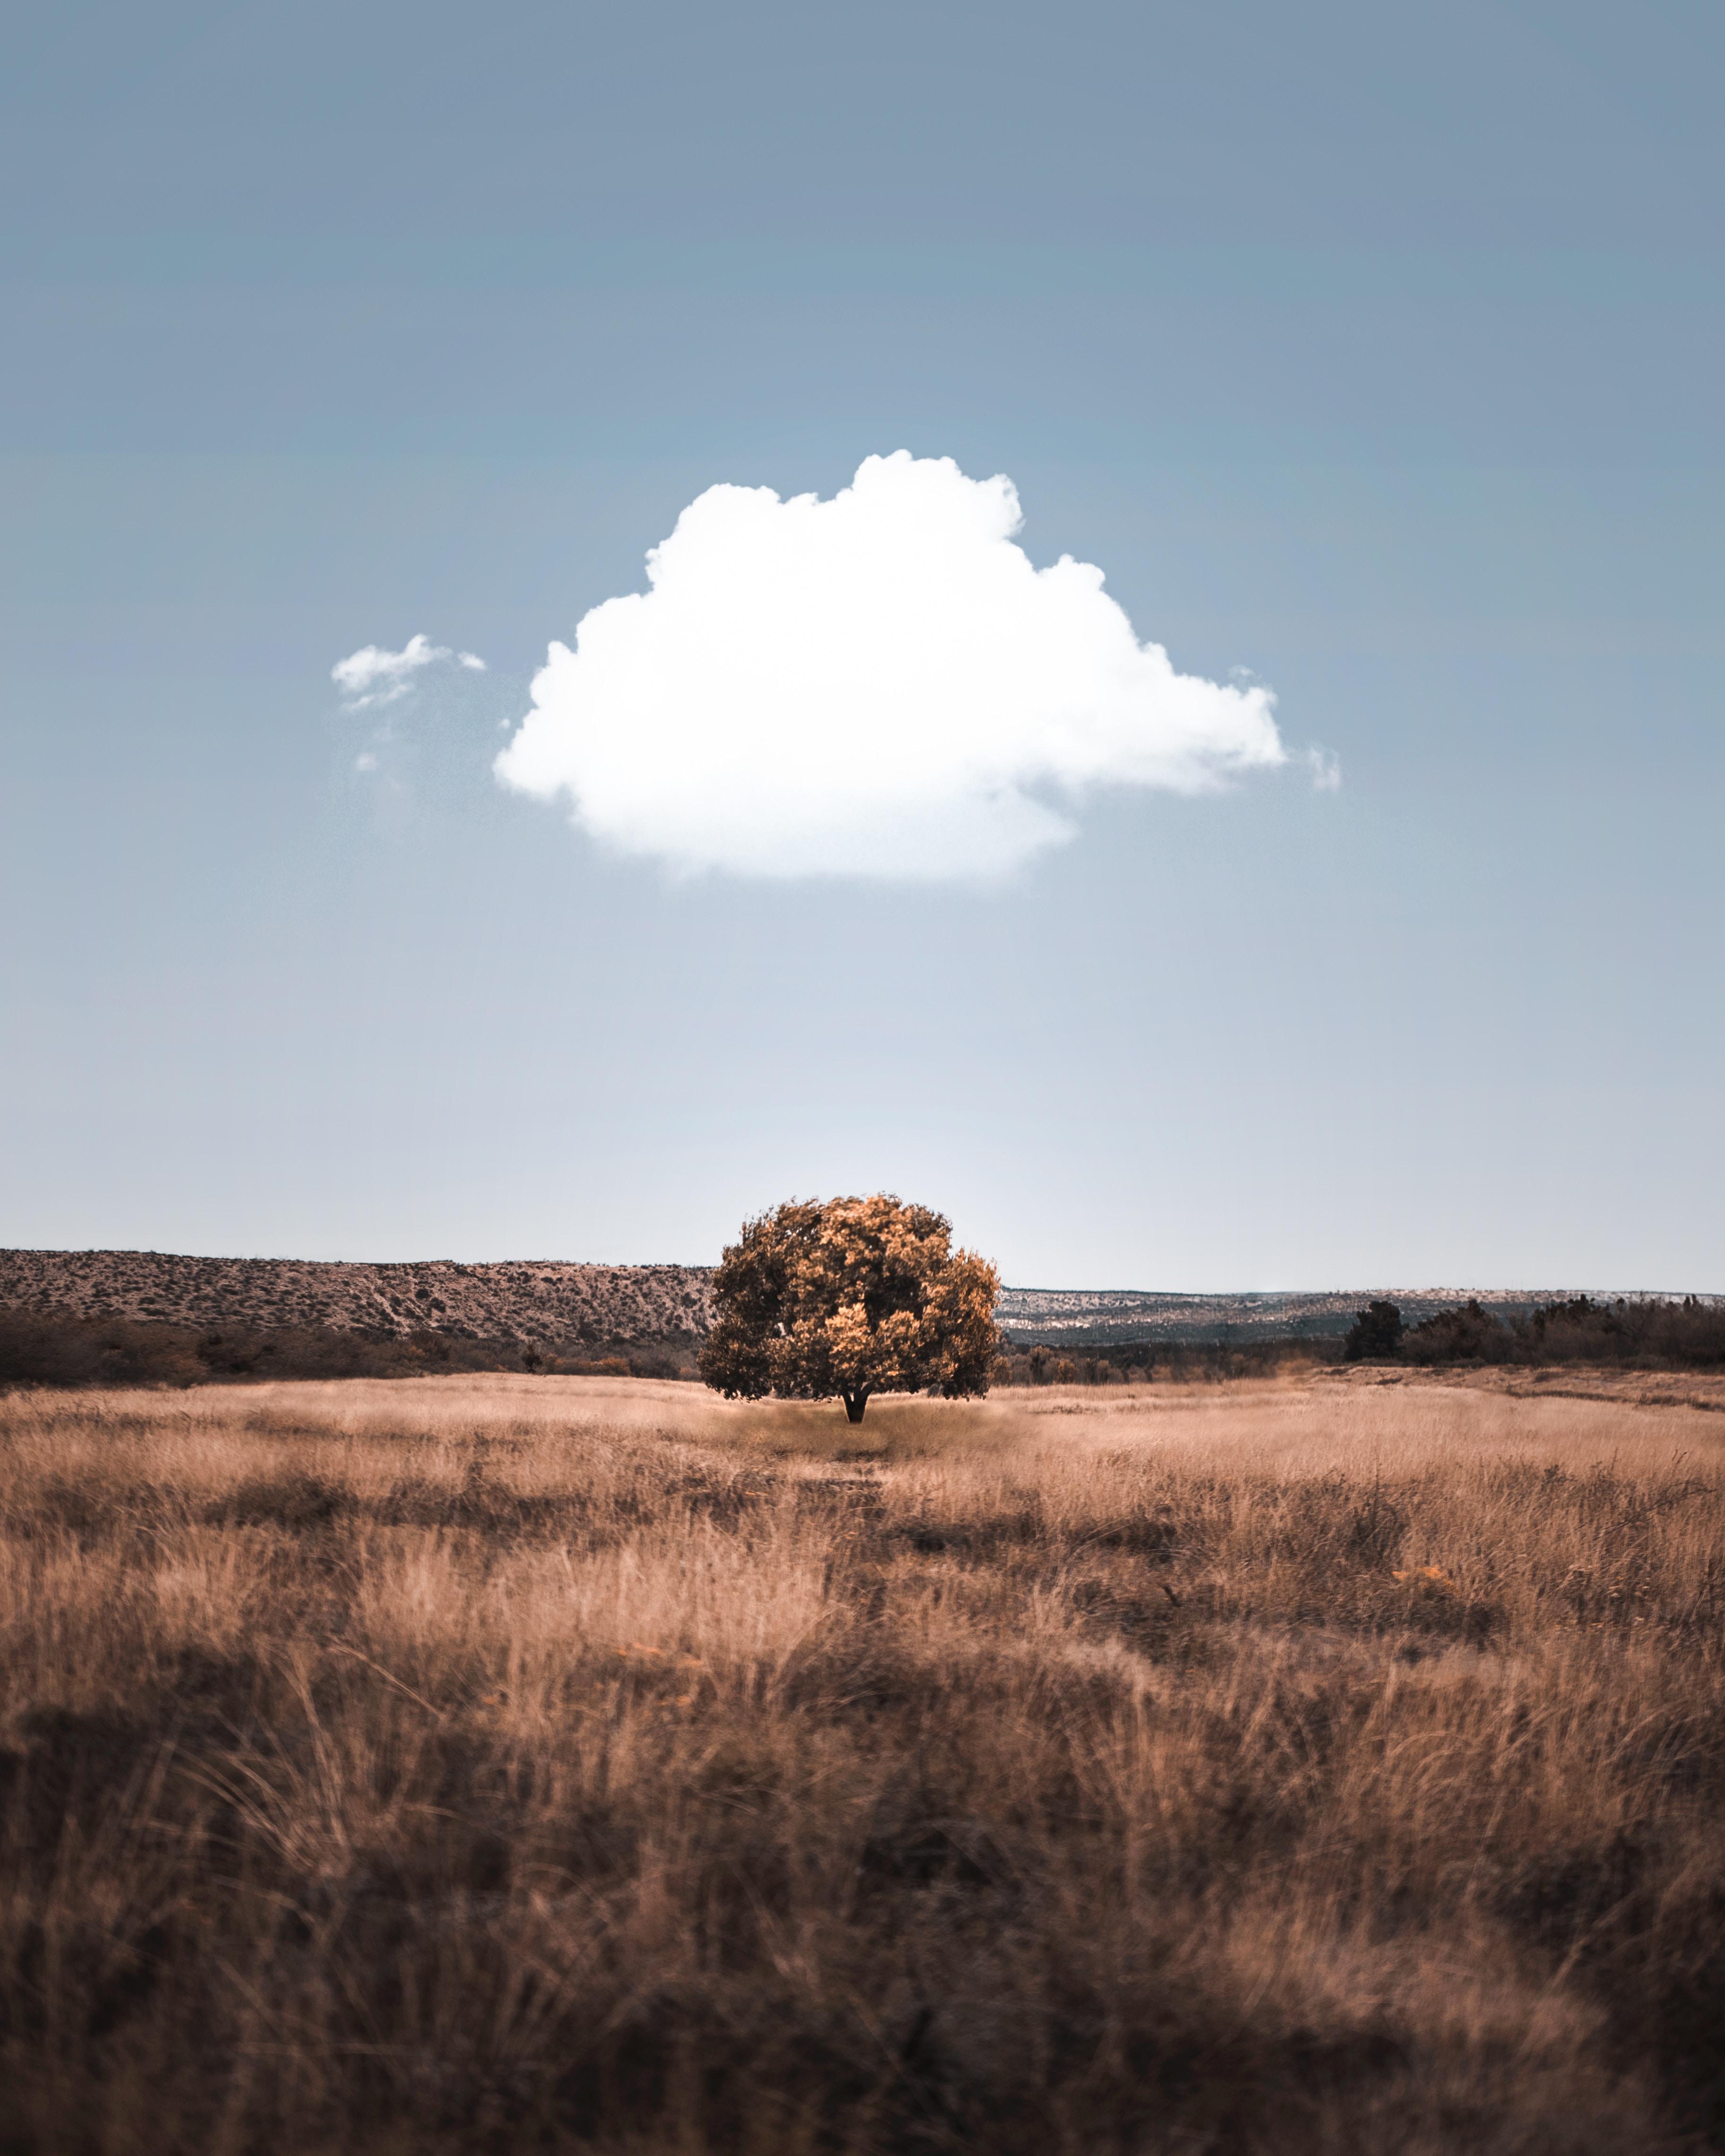 免費壁紙148490:性质, 木头, 云, 云端, 场地, 字段, 草 下載手機圖片